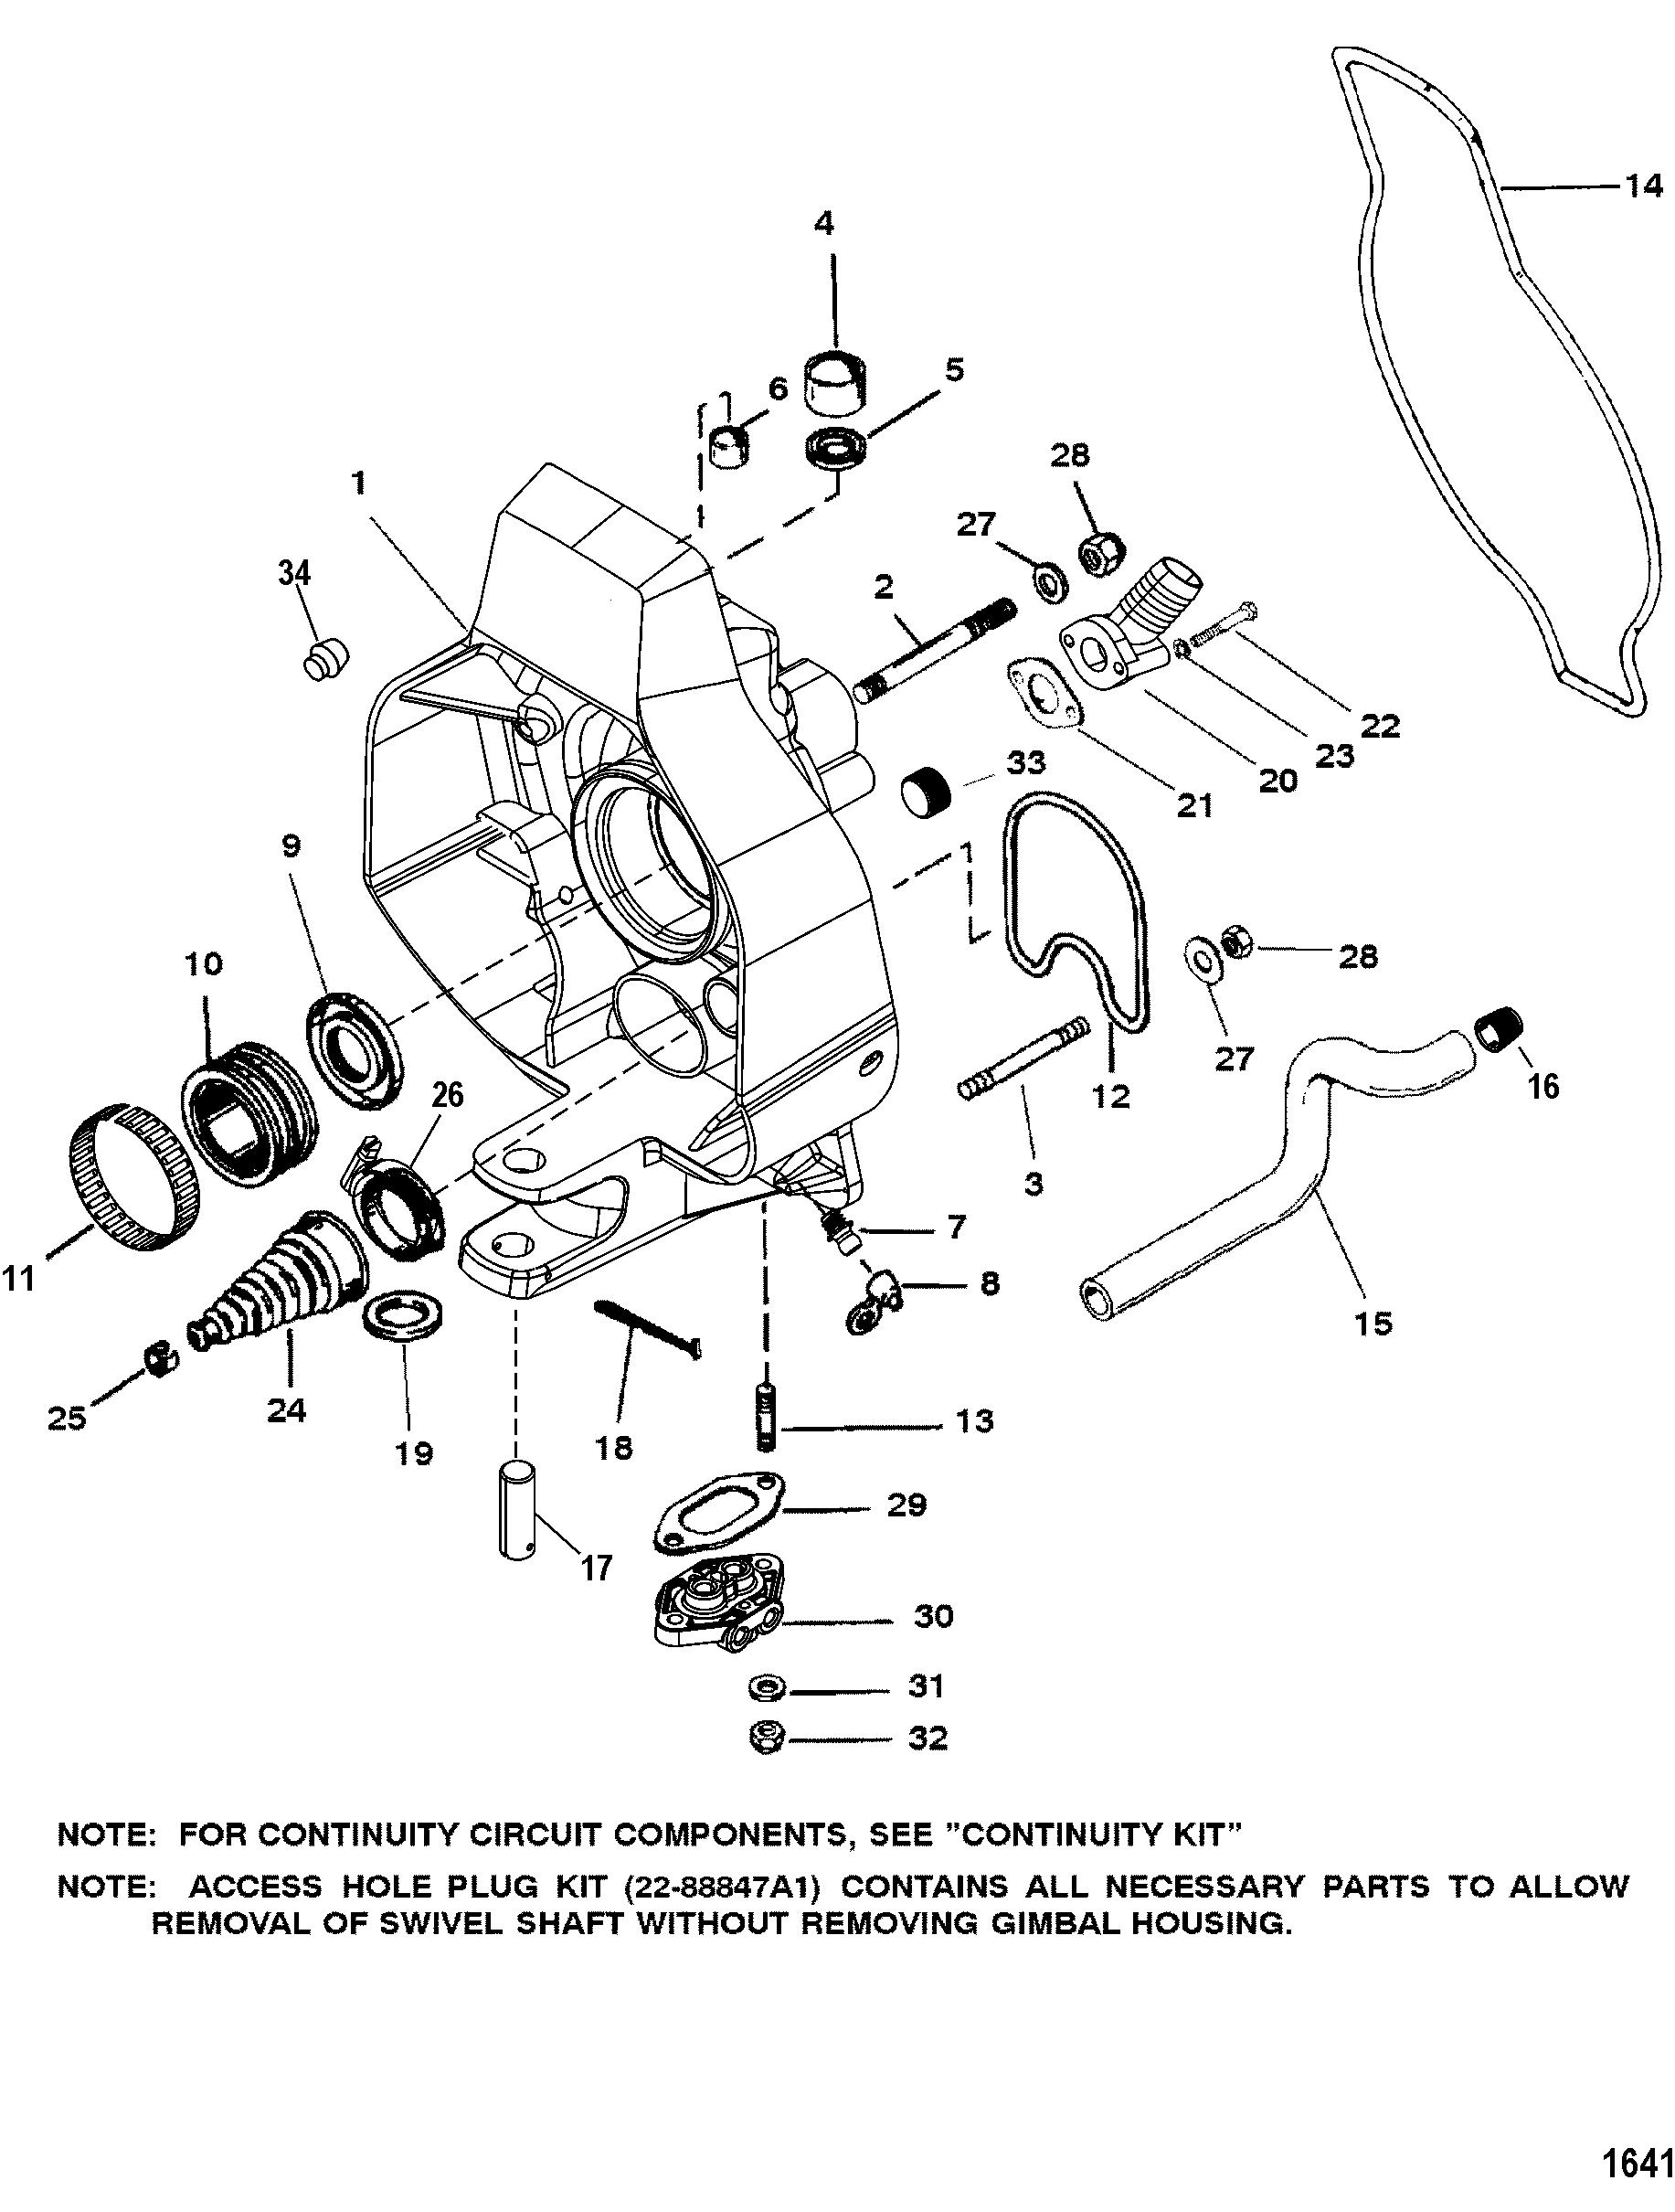 Gimbal Housing For Mercruiser Race Sterndrive Bravo I Xr